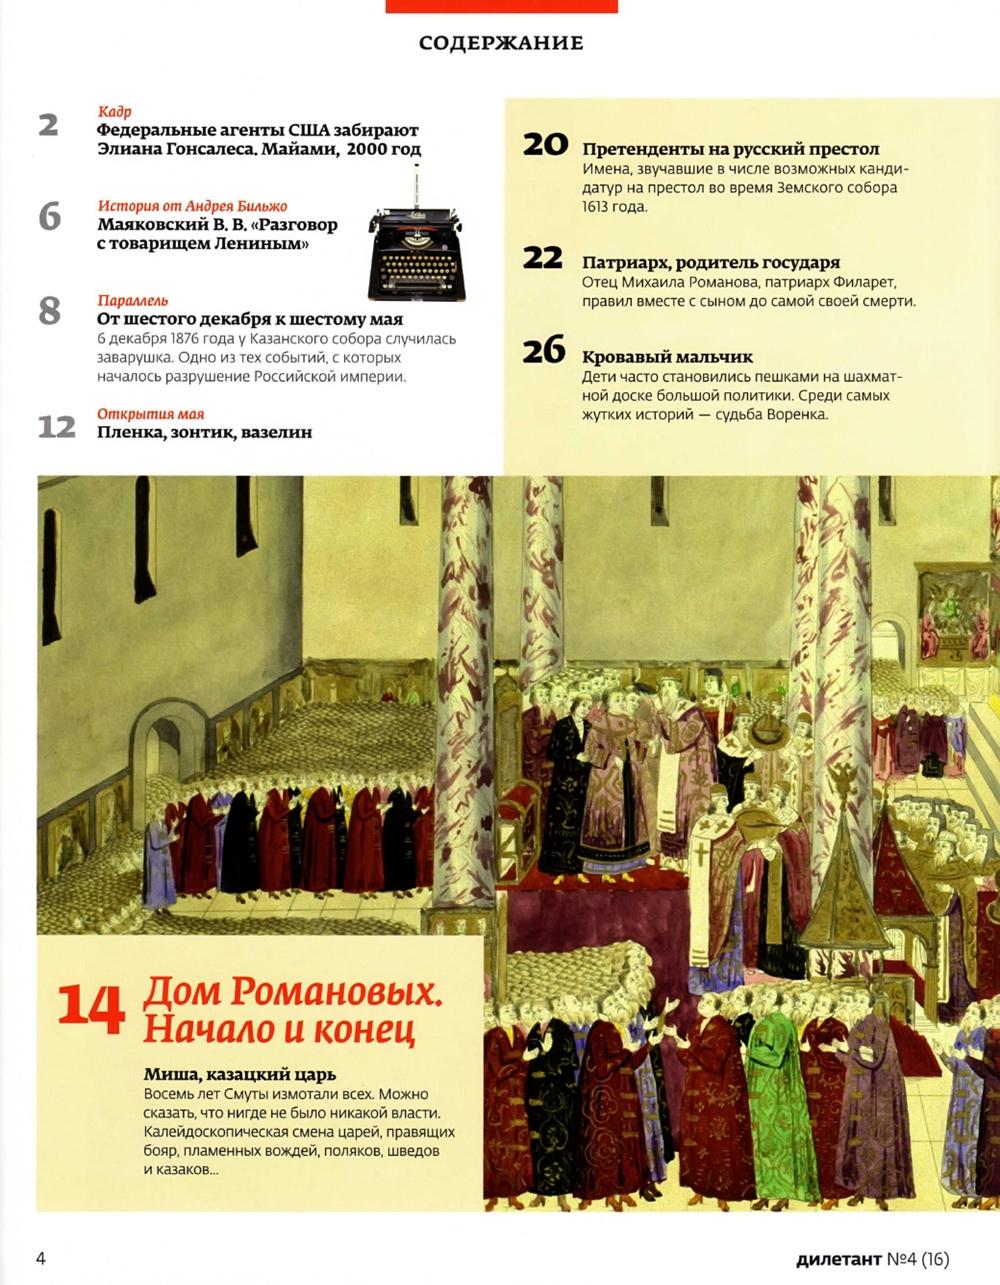 http://images.vfl.ru/ii/1404418803/82f82d63/5616494.jpg